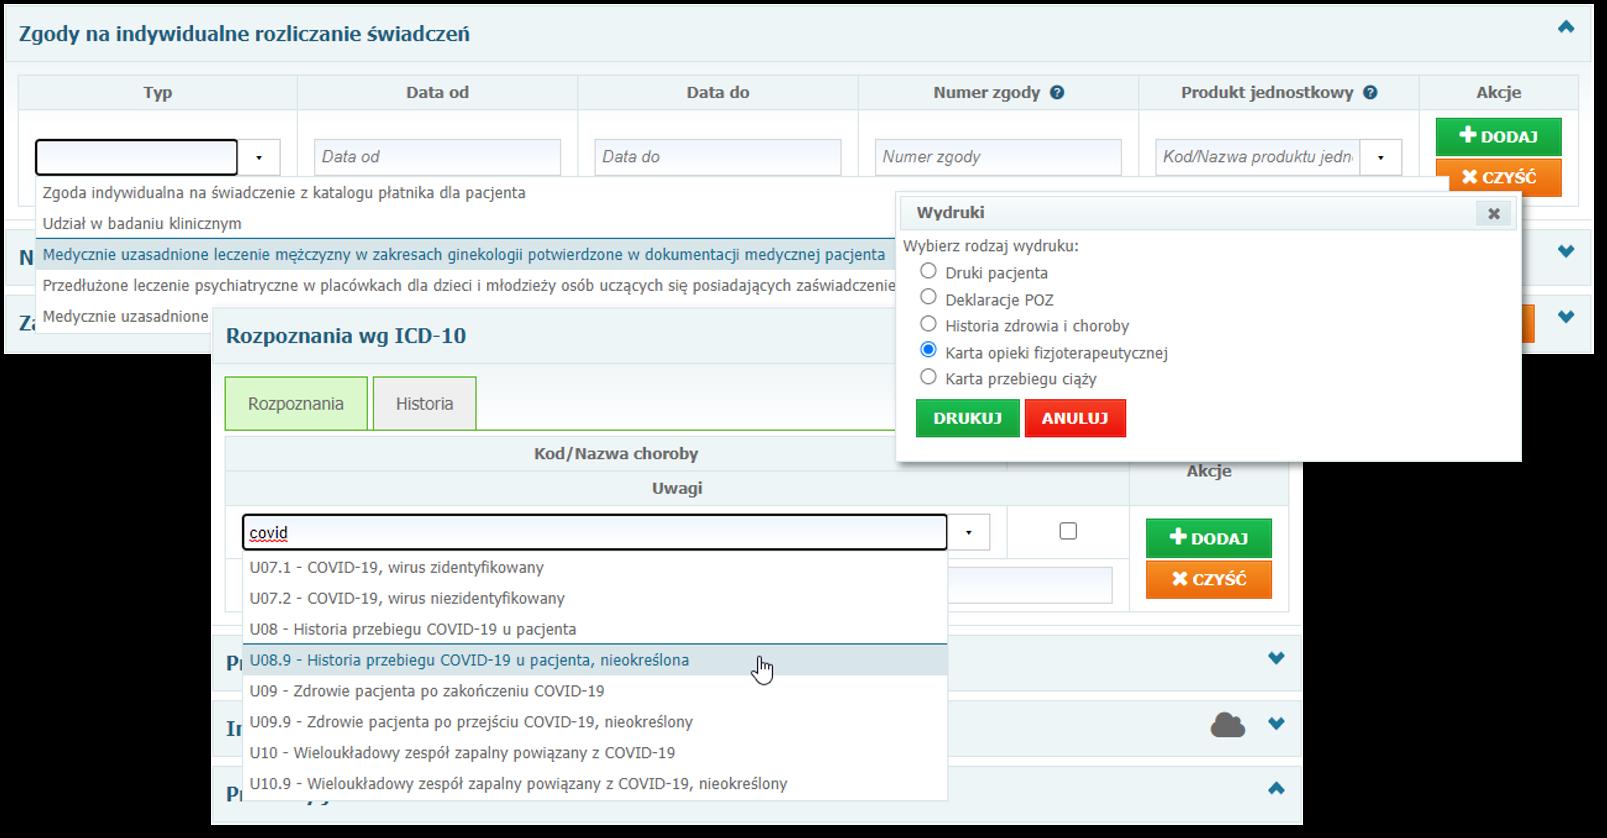 Dostosowanie systemu Mediporta dobieżących przepisów iwymogów NFZ